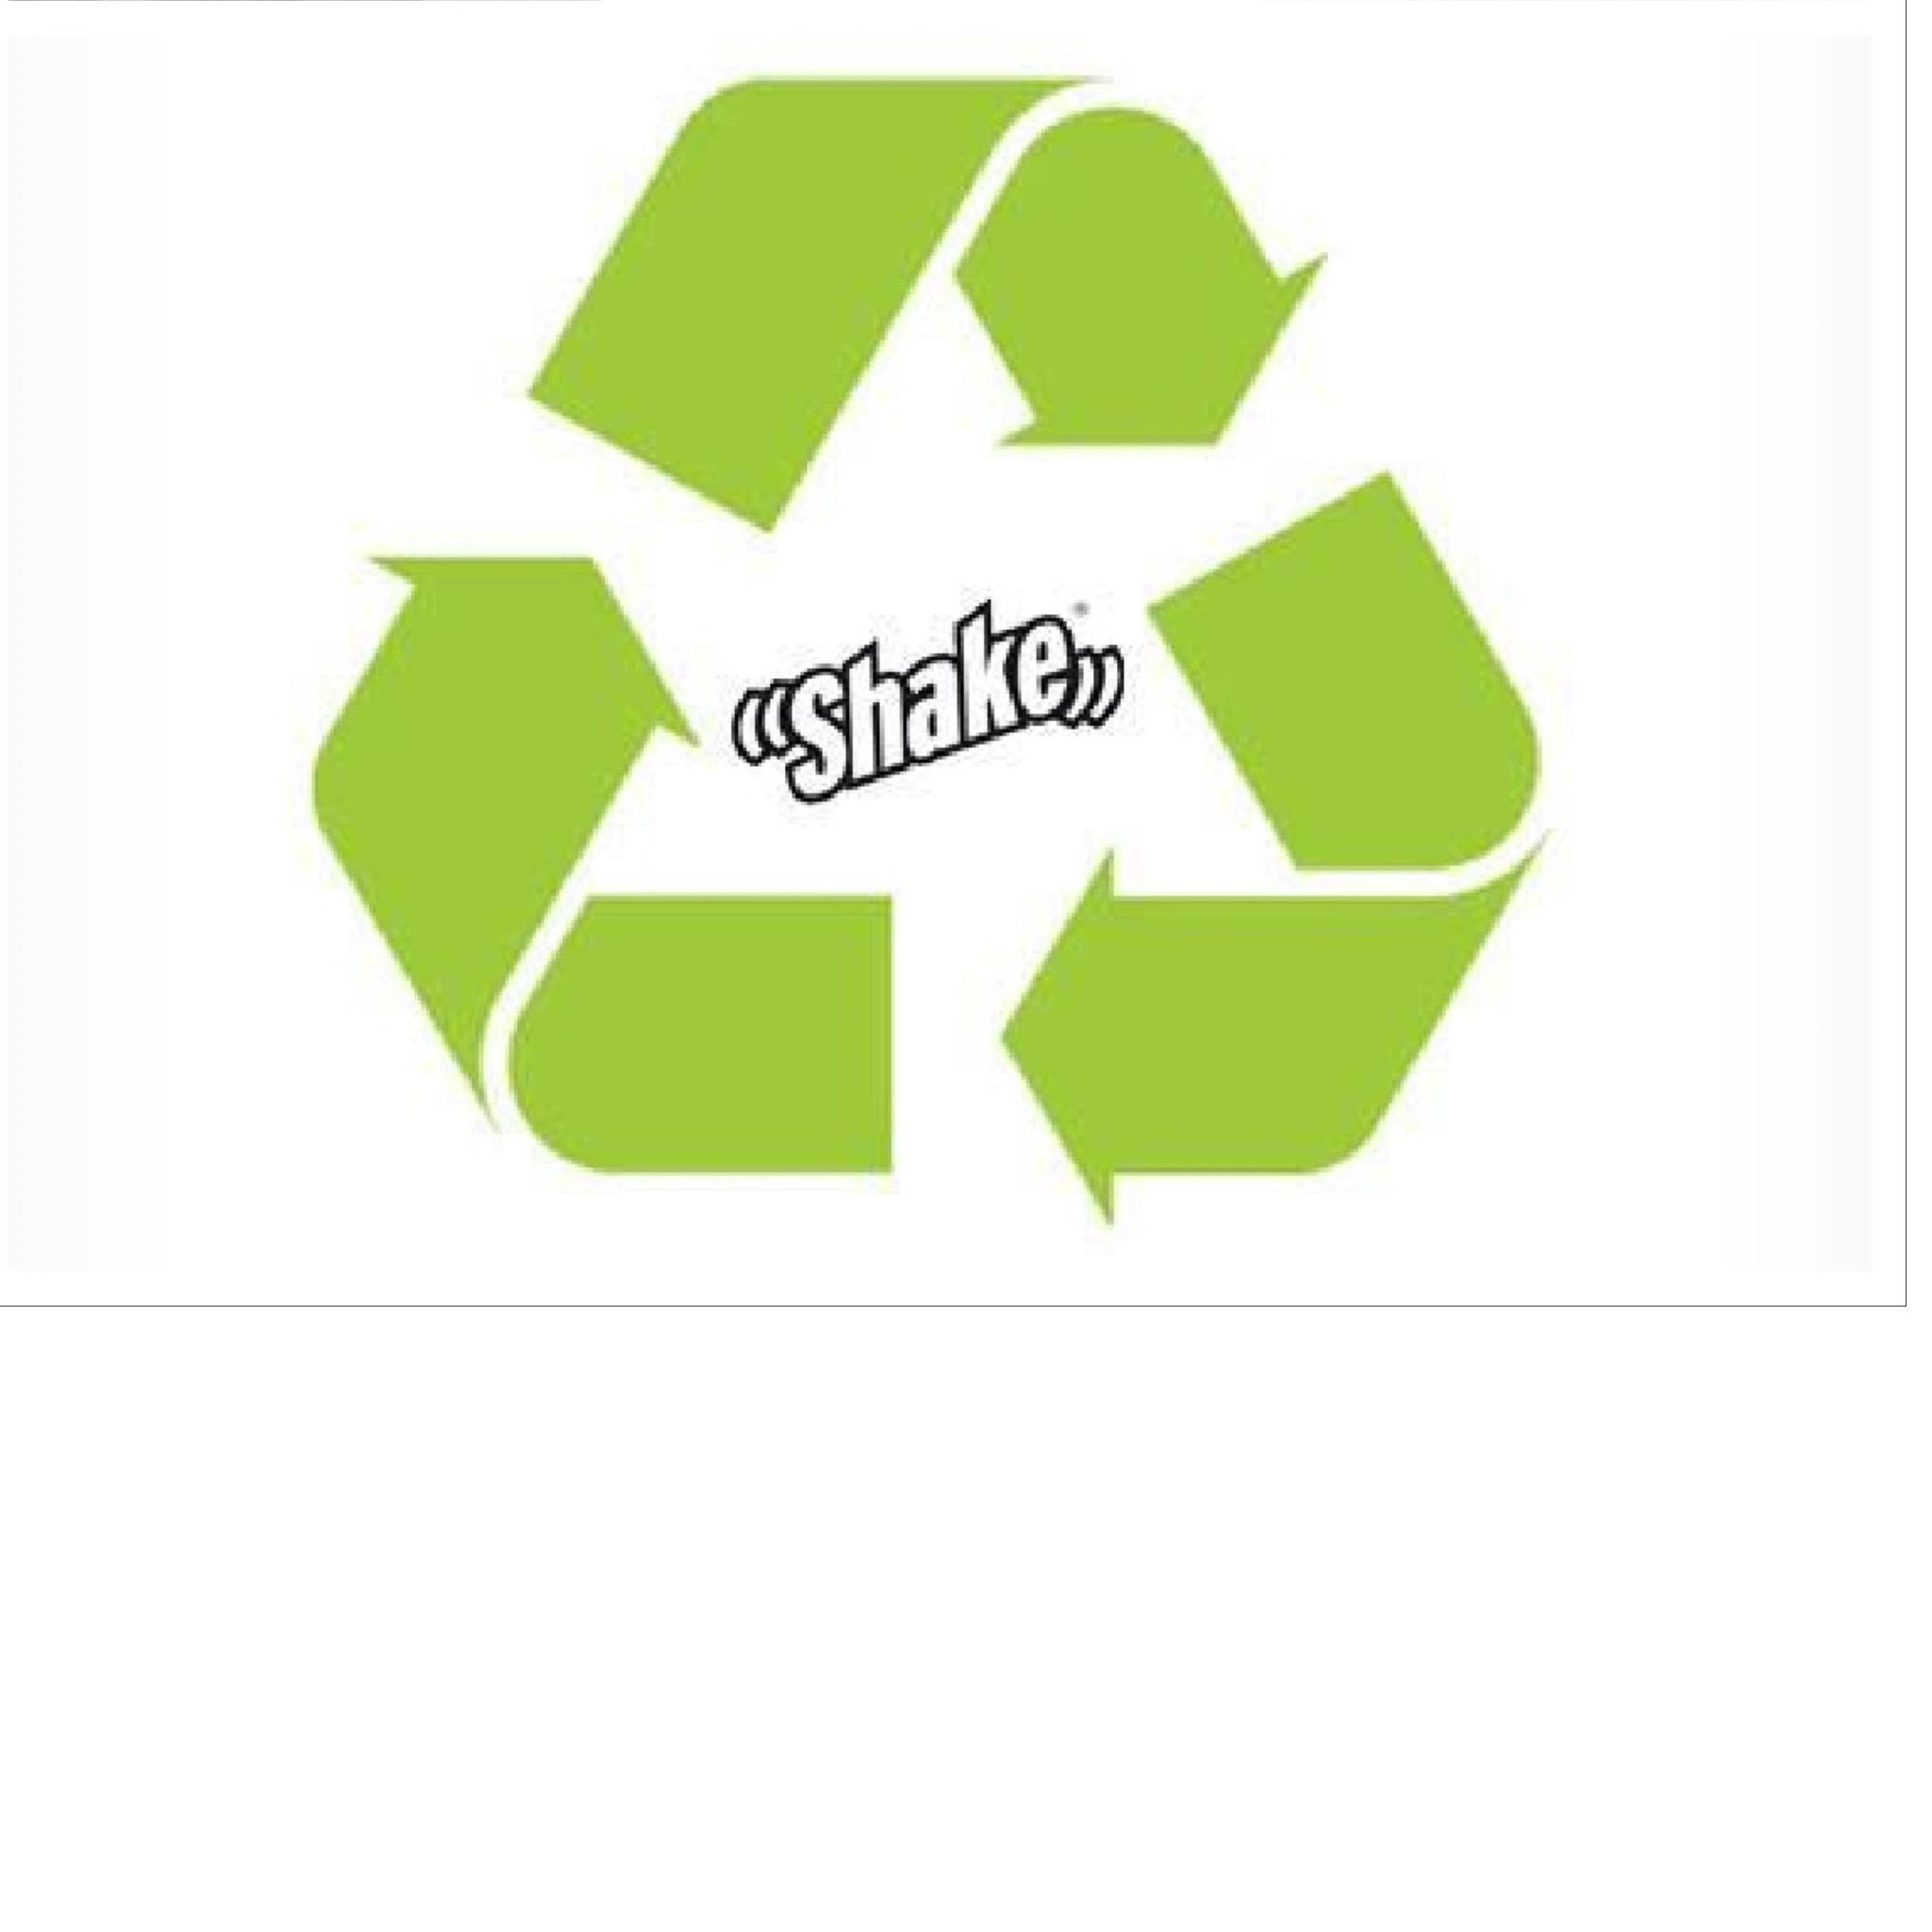 återvinning